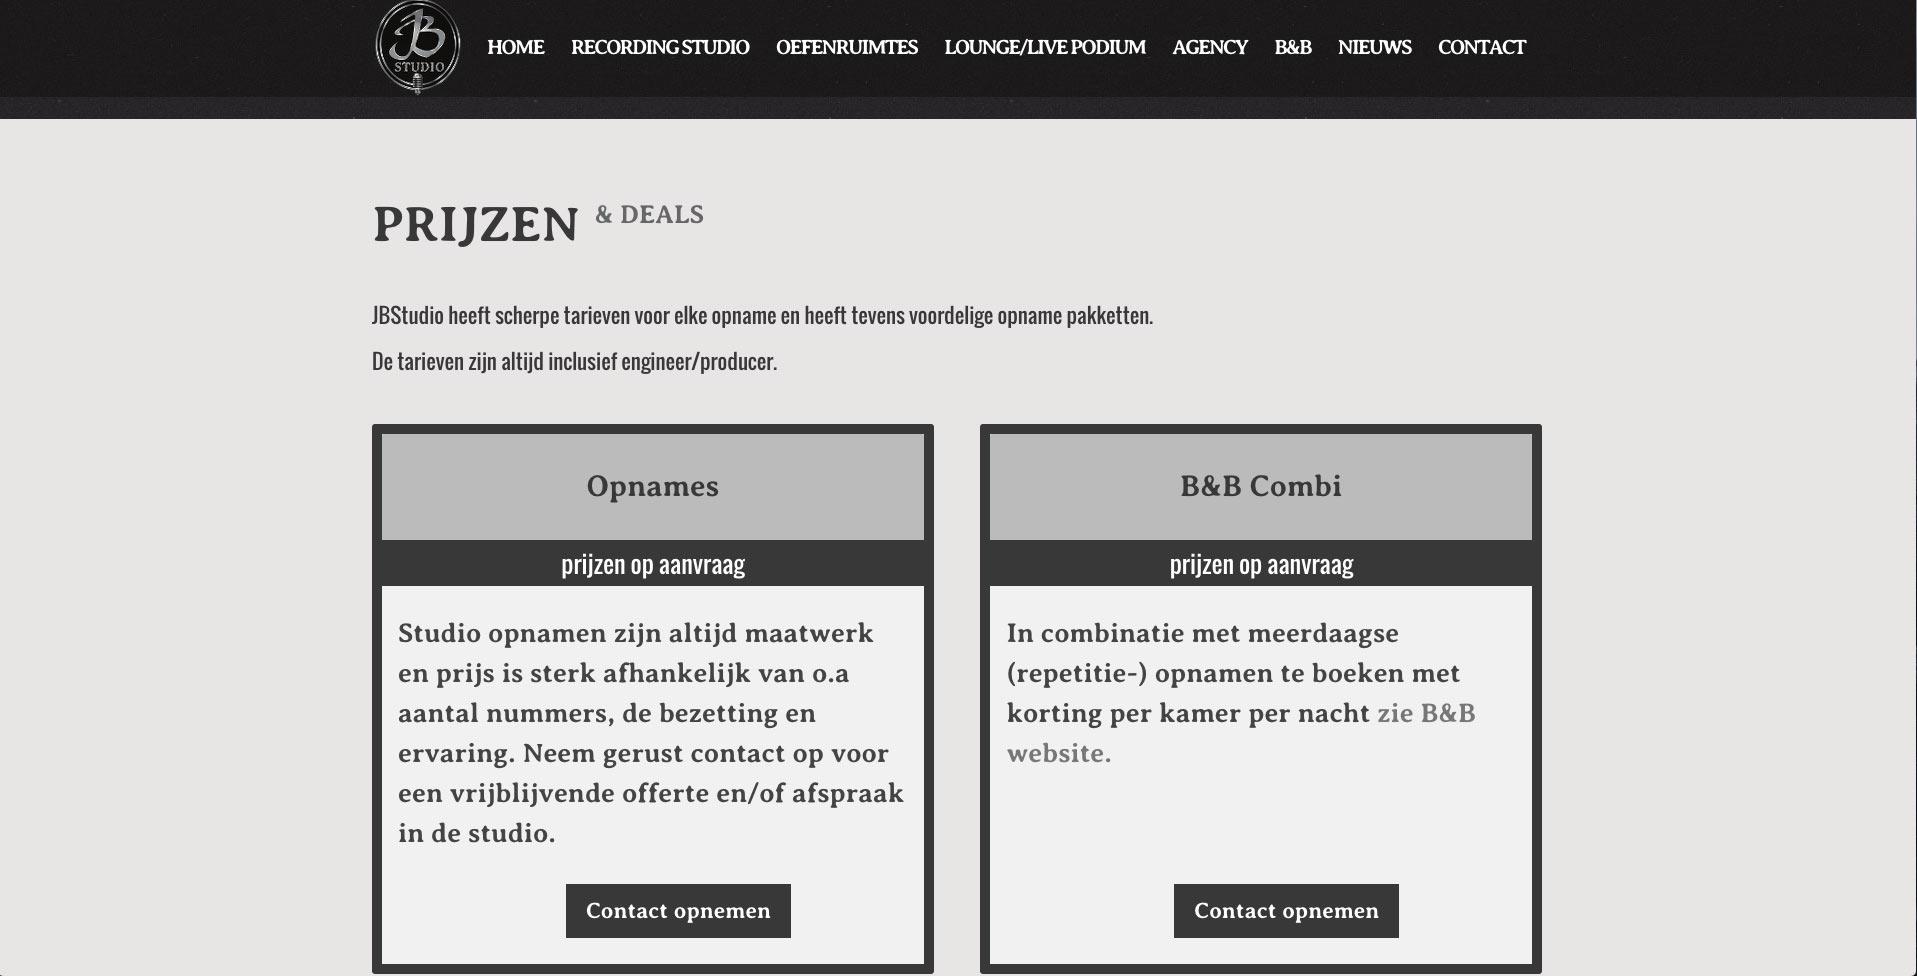 jbstudio.nl